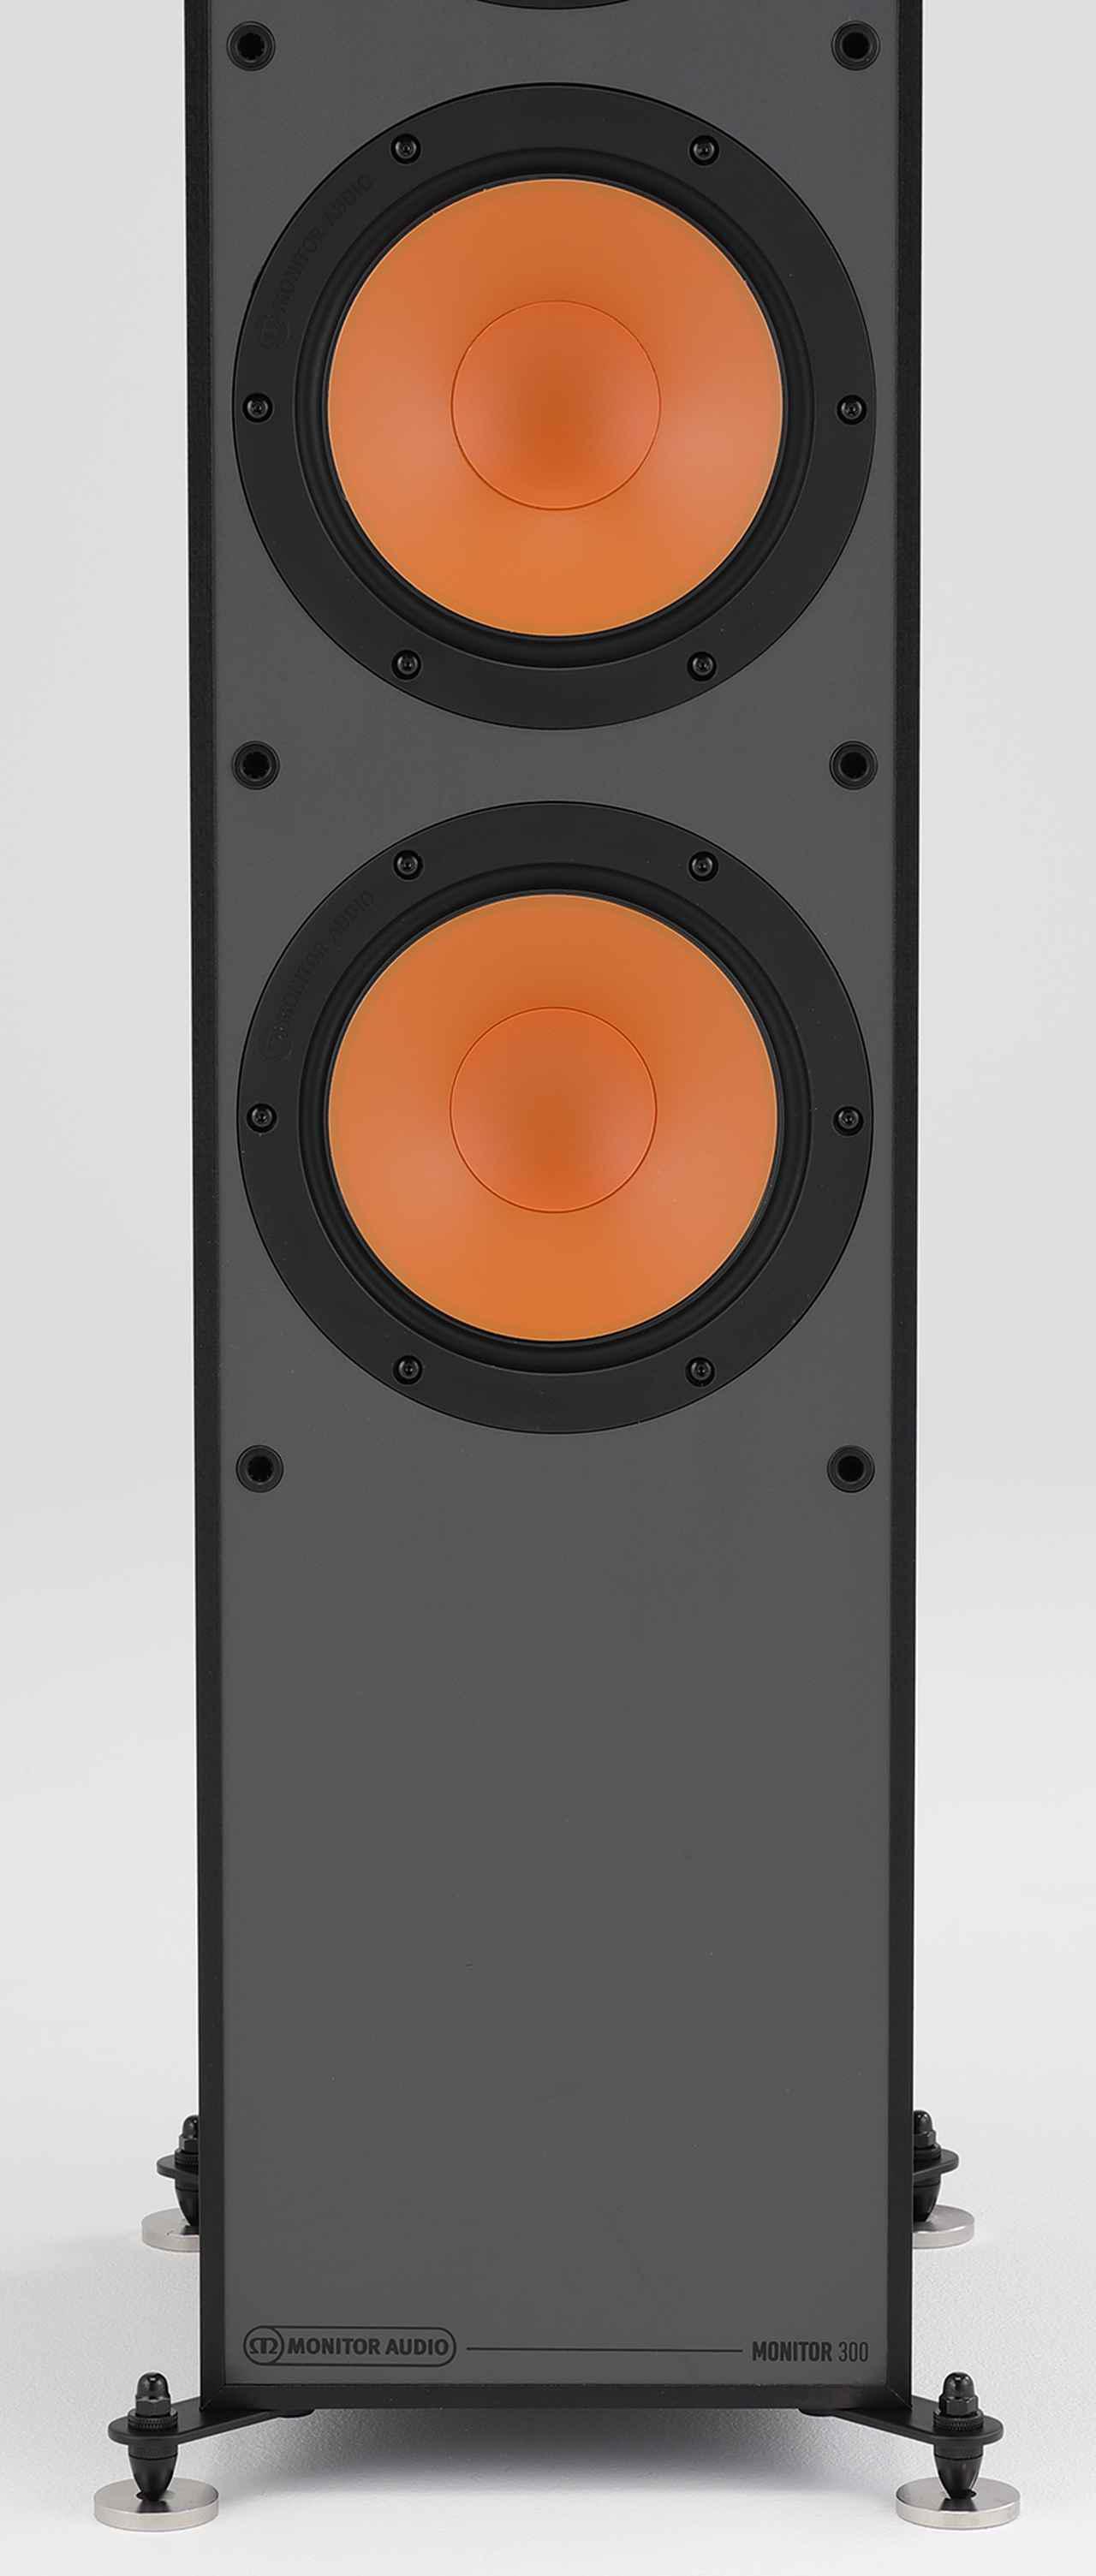 画像: ↑2基の16.5㎝口径ウーファーはミッドレンジ同様の振動板を搭載する。脚部は設置面積を大きく広げずに安定性を高める小型のアウトリガータイプ。